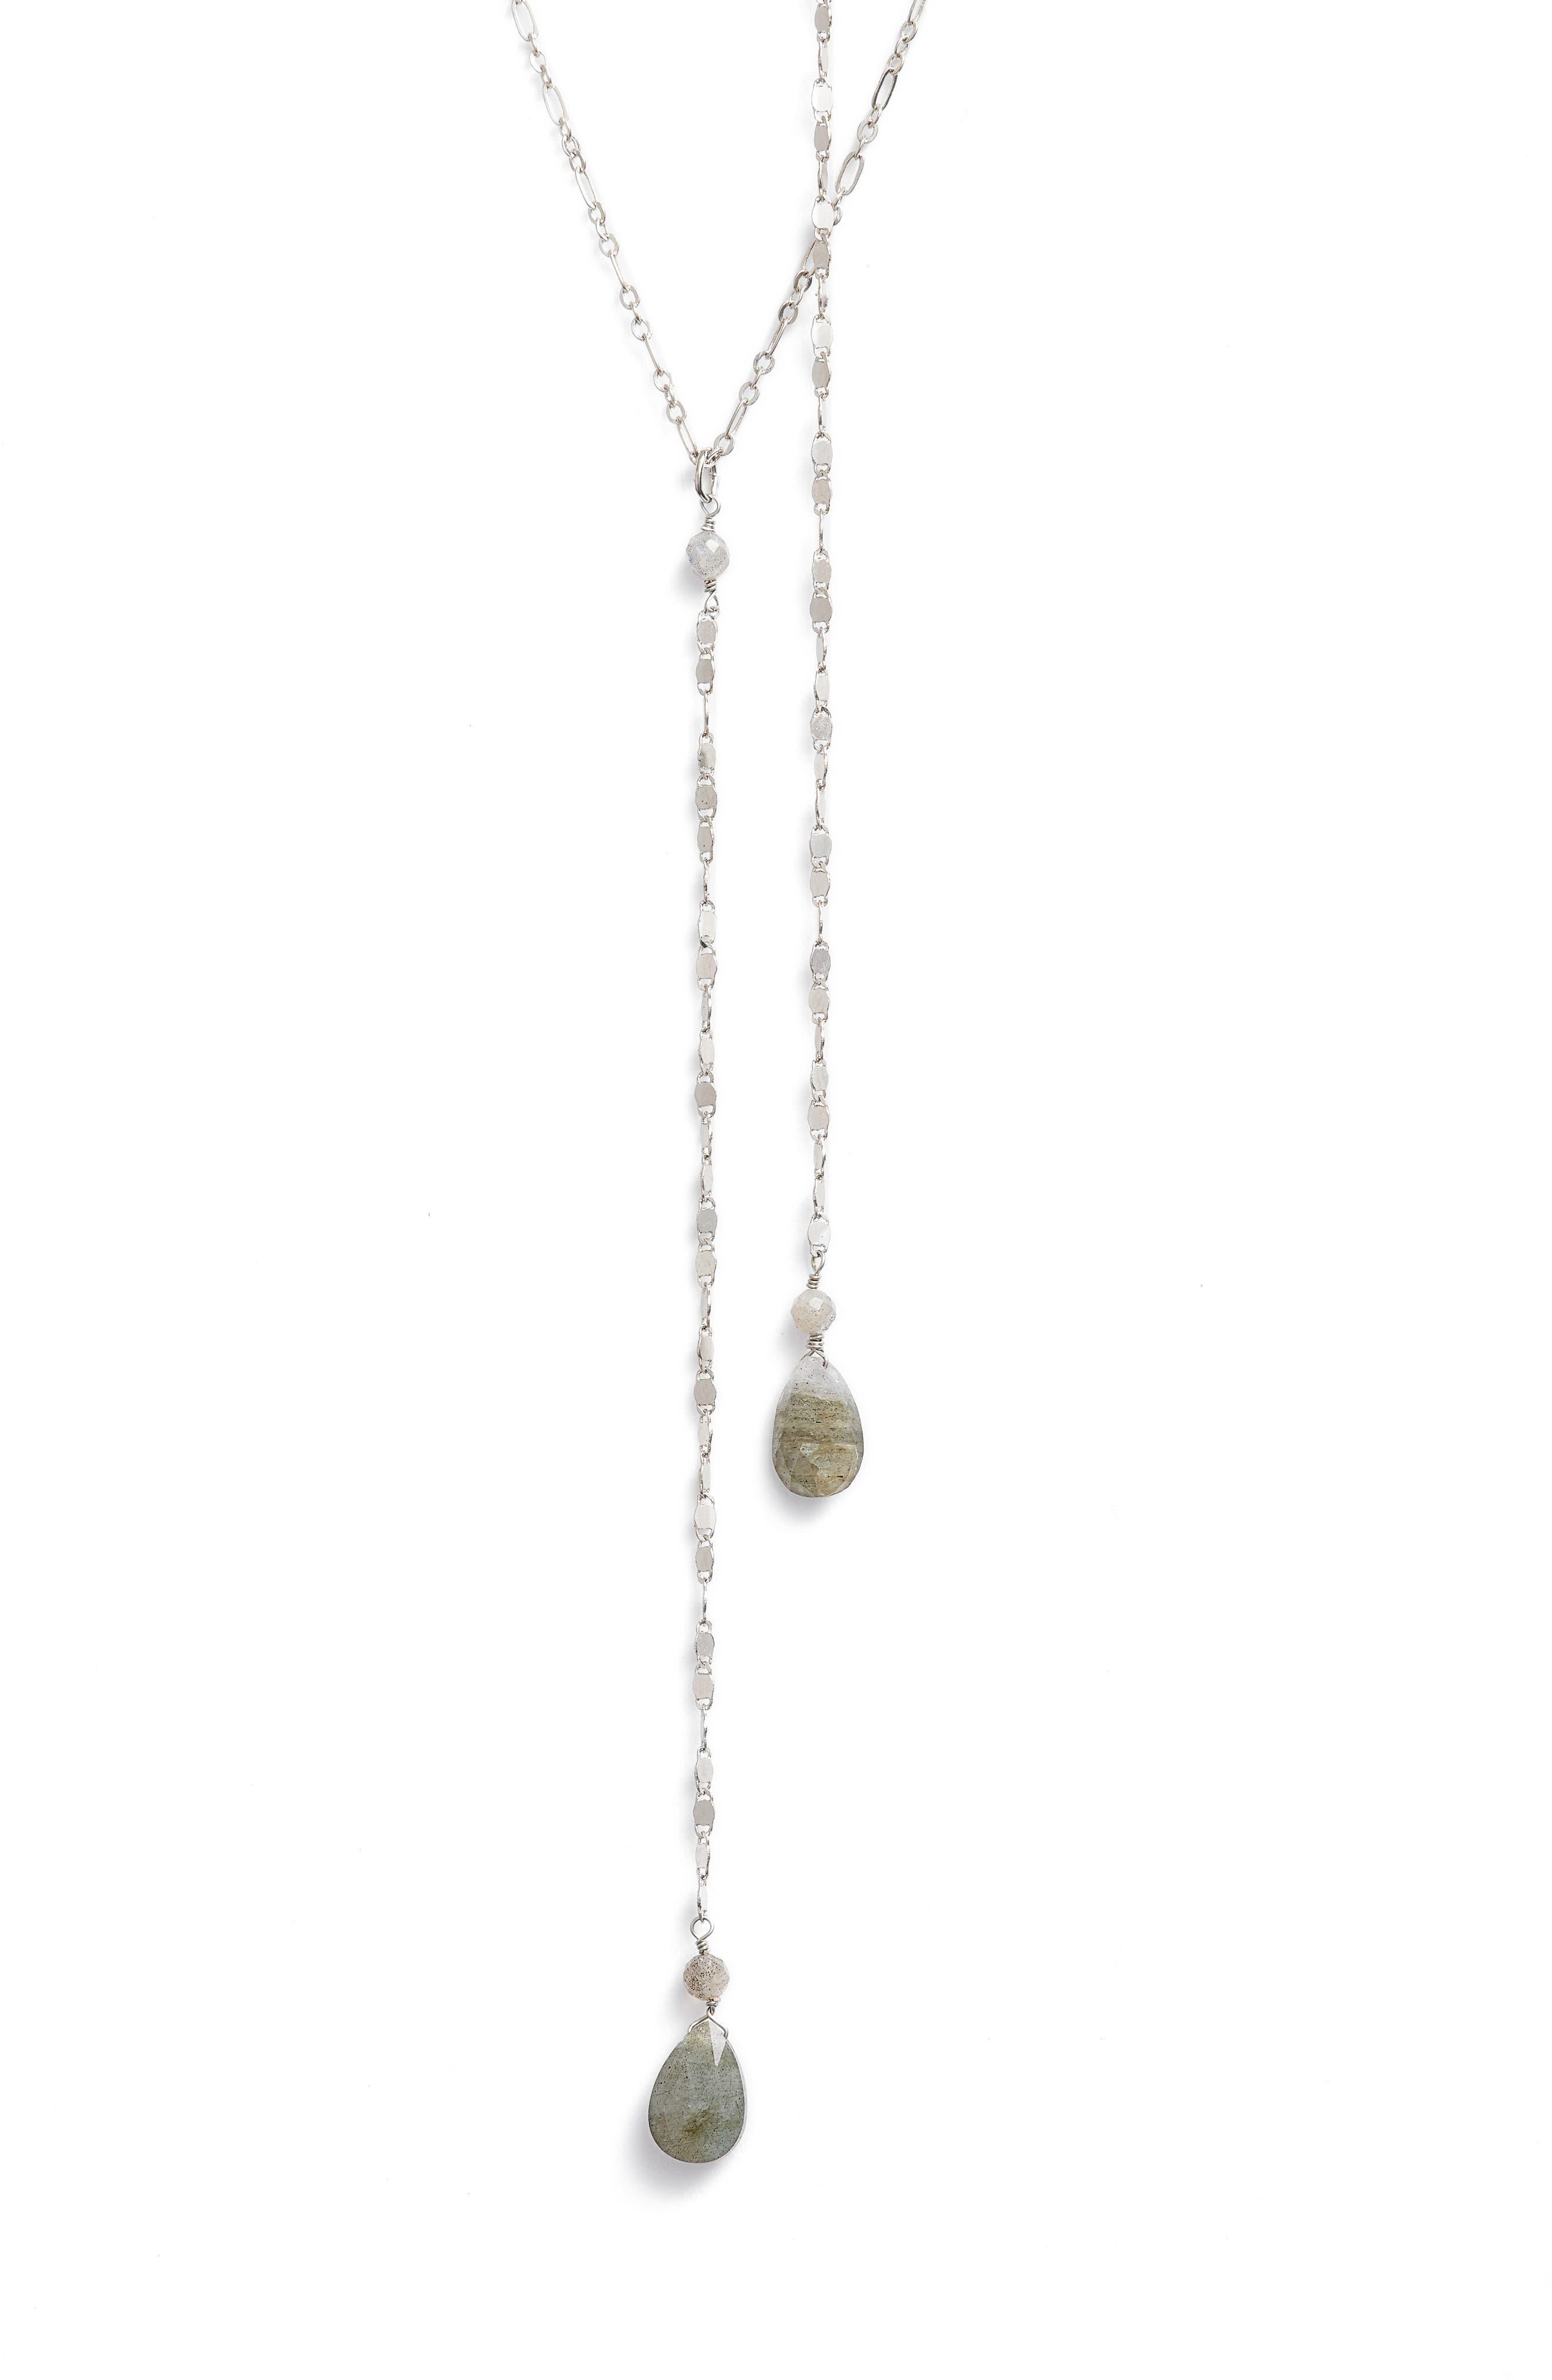 Main Image - Serefina Labradorite Y-Necklace